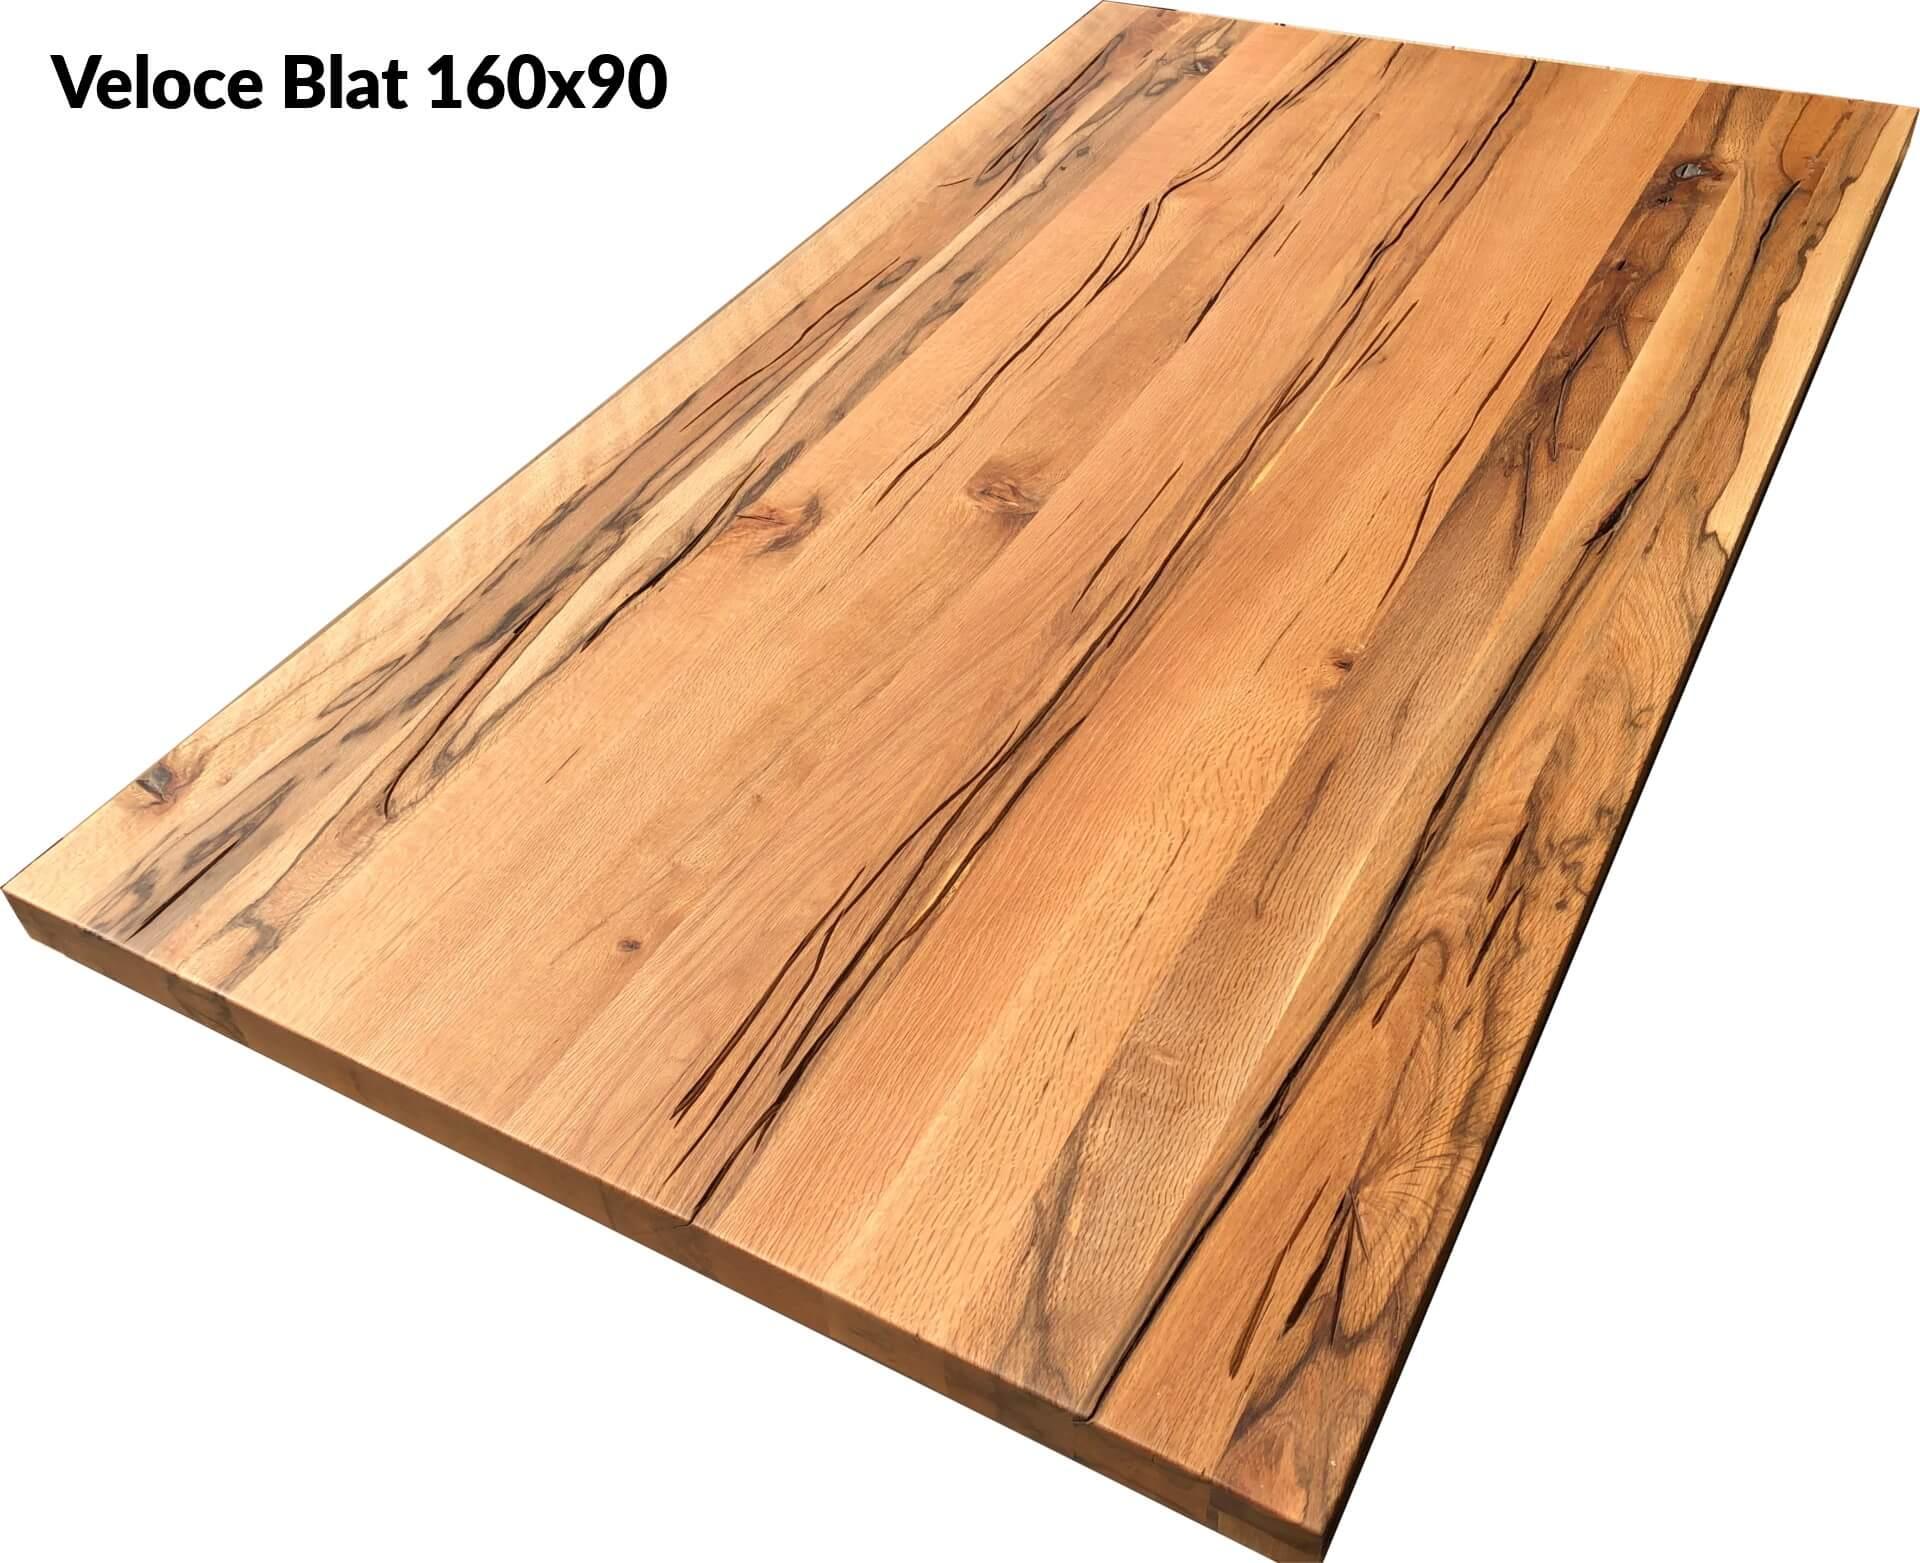 blat debowy 160x90 na stół